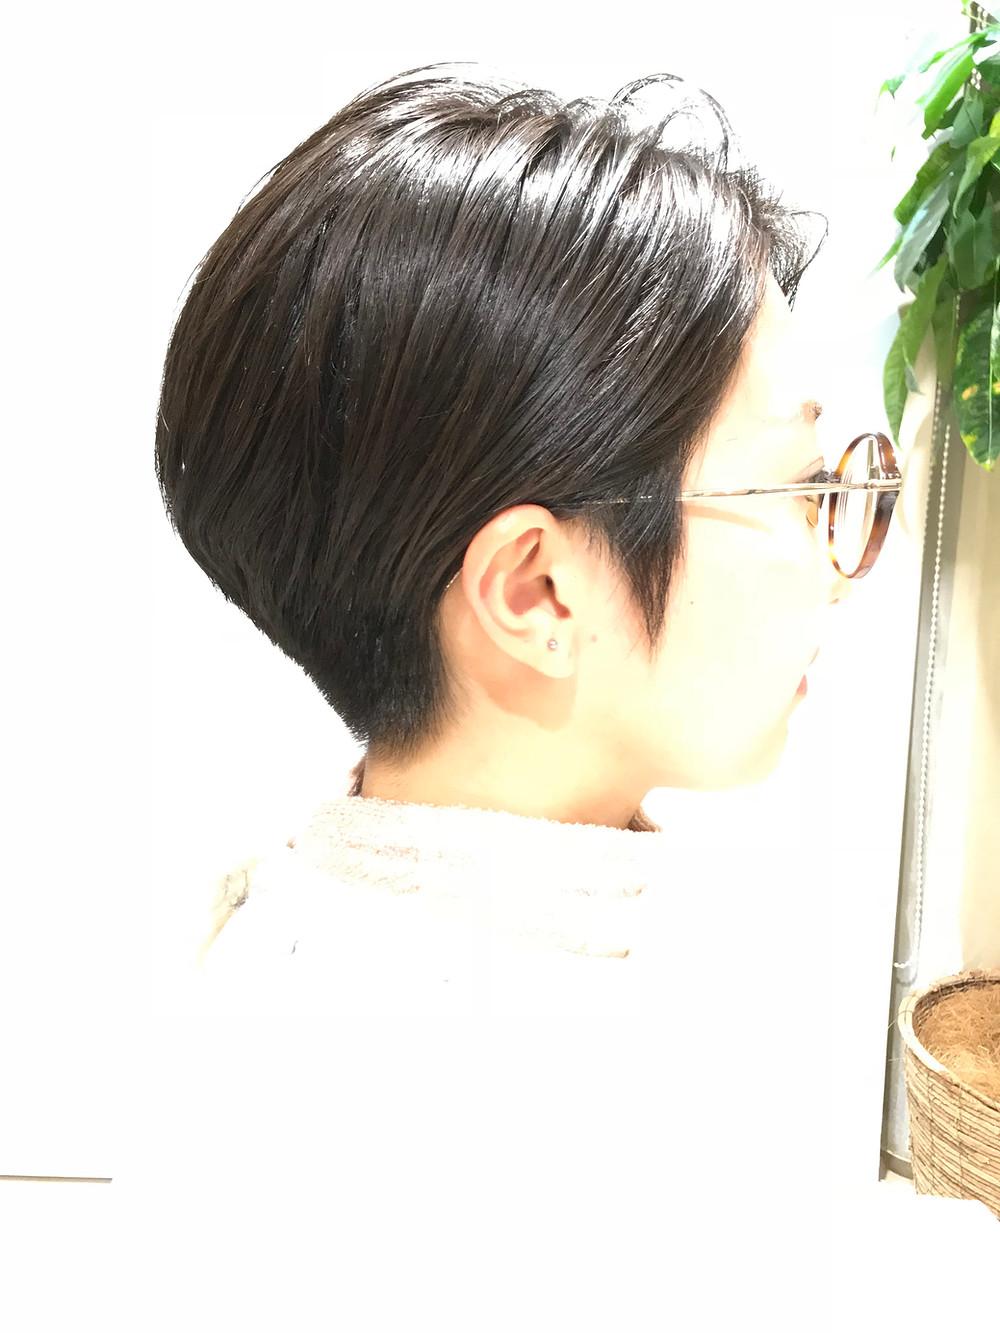 メガネ女子の刈り上げスタイル♬ Ruxus Komazawa